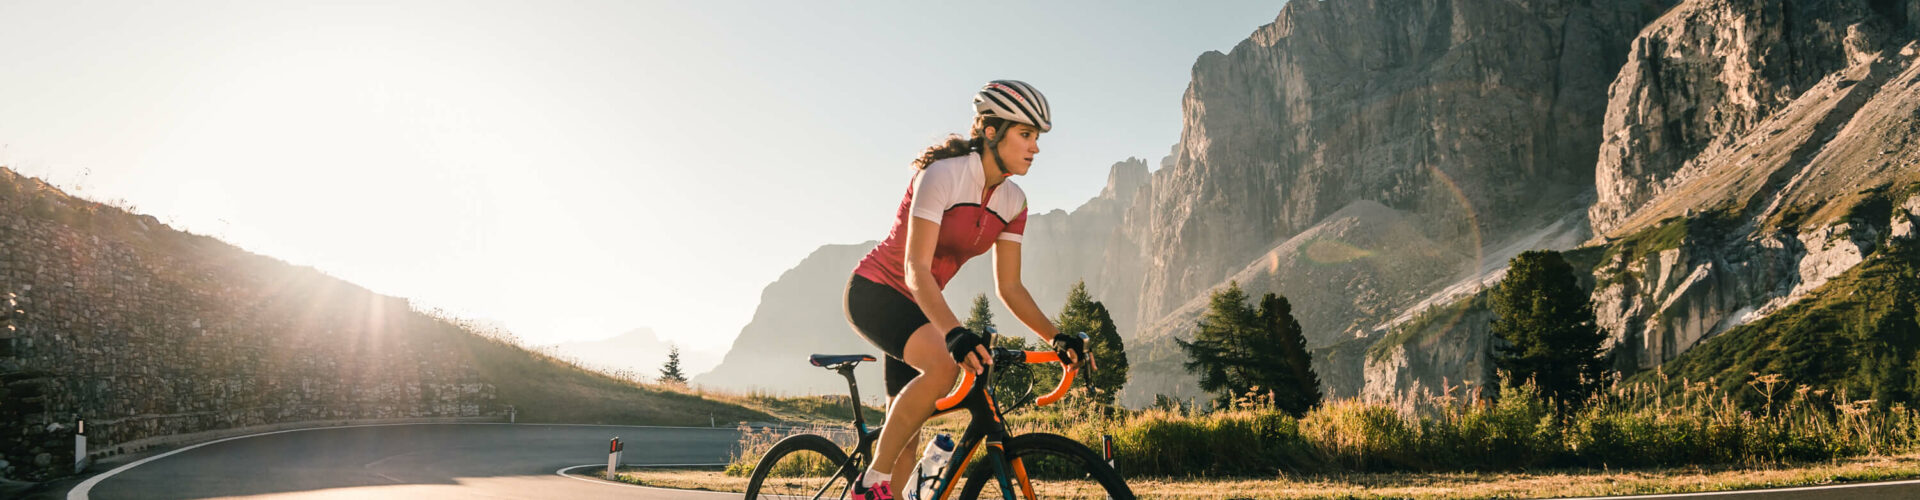 Rennrad fahrende Frau in Alta Badia